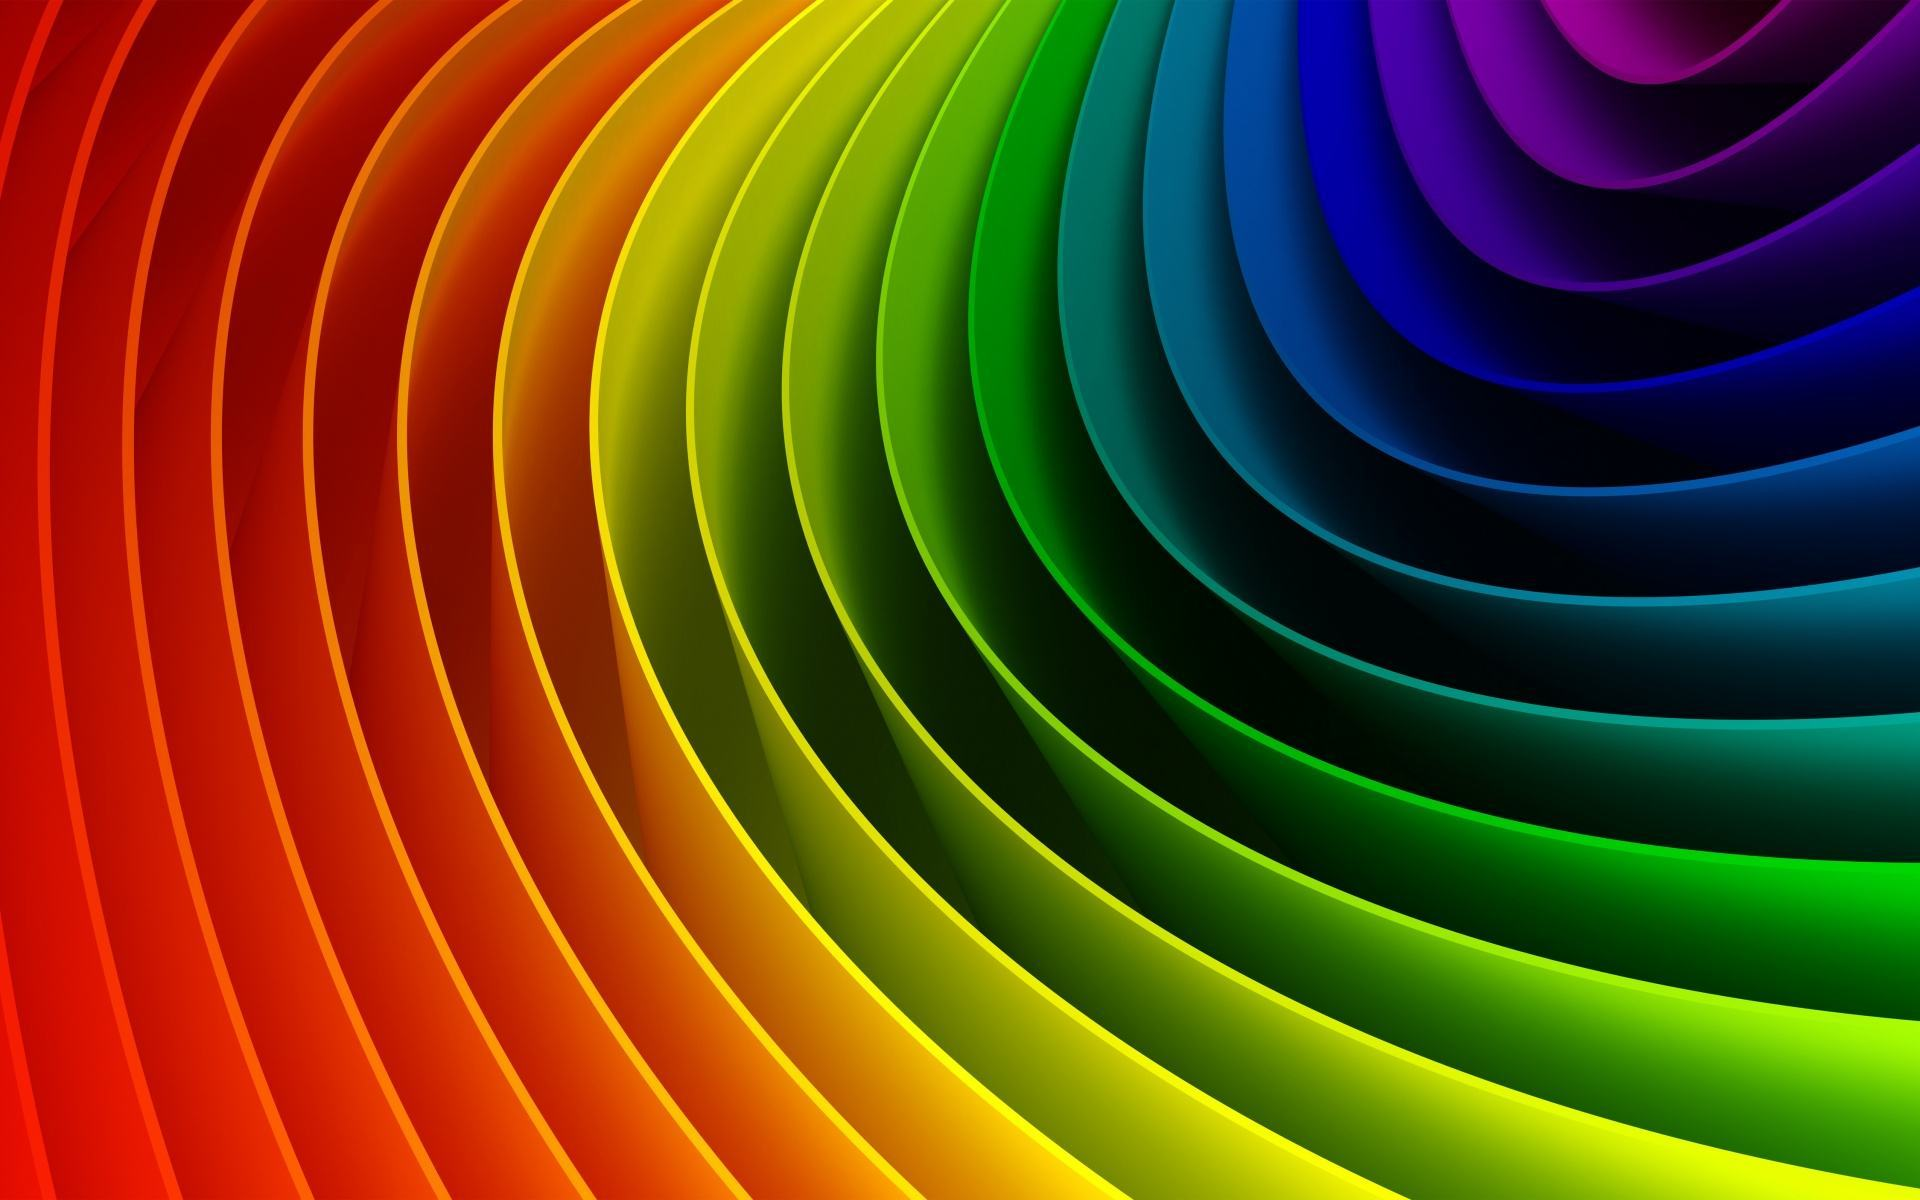 красивые обои гиф разноцветные фотографе инесса новикова